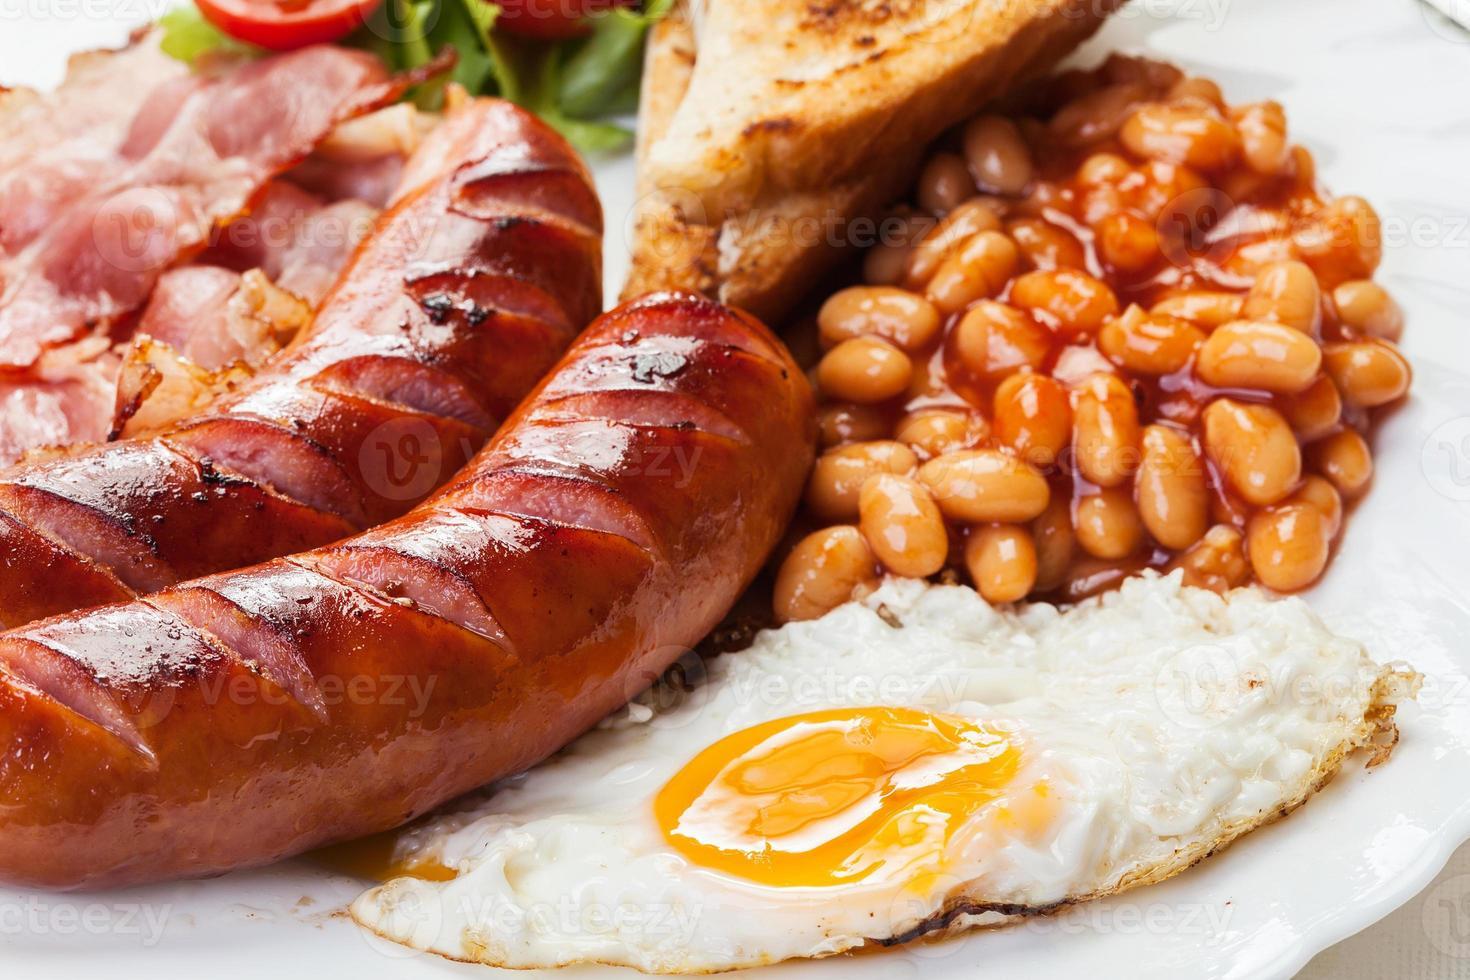 café da manhã inglês completo com bacon, salsicha, ovo e feijão foto